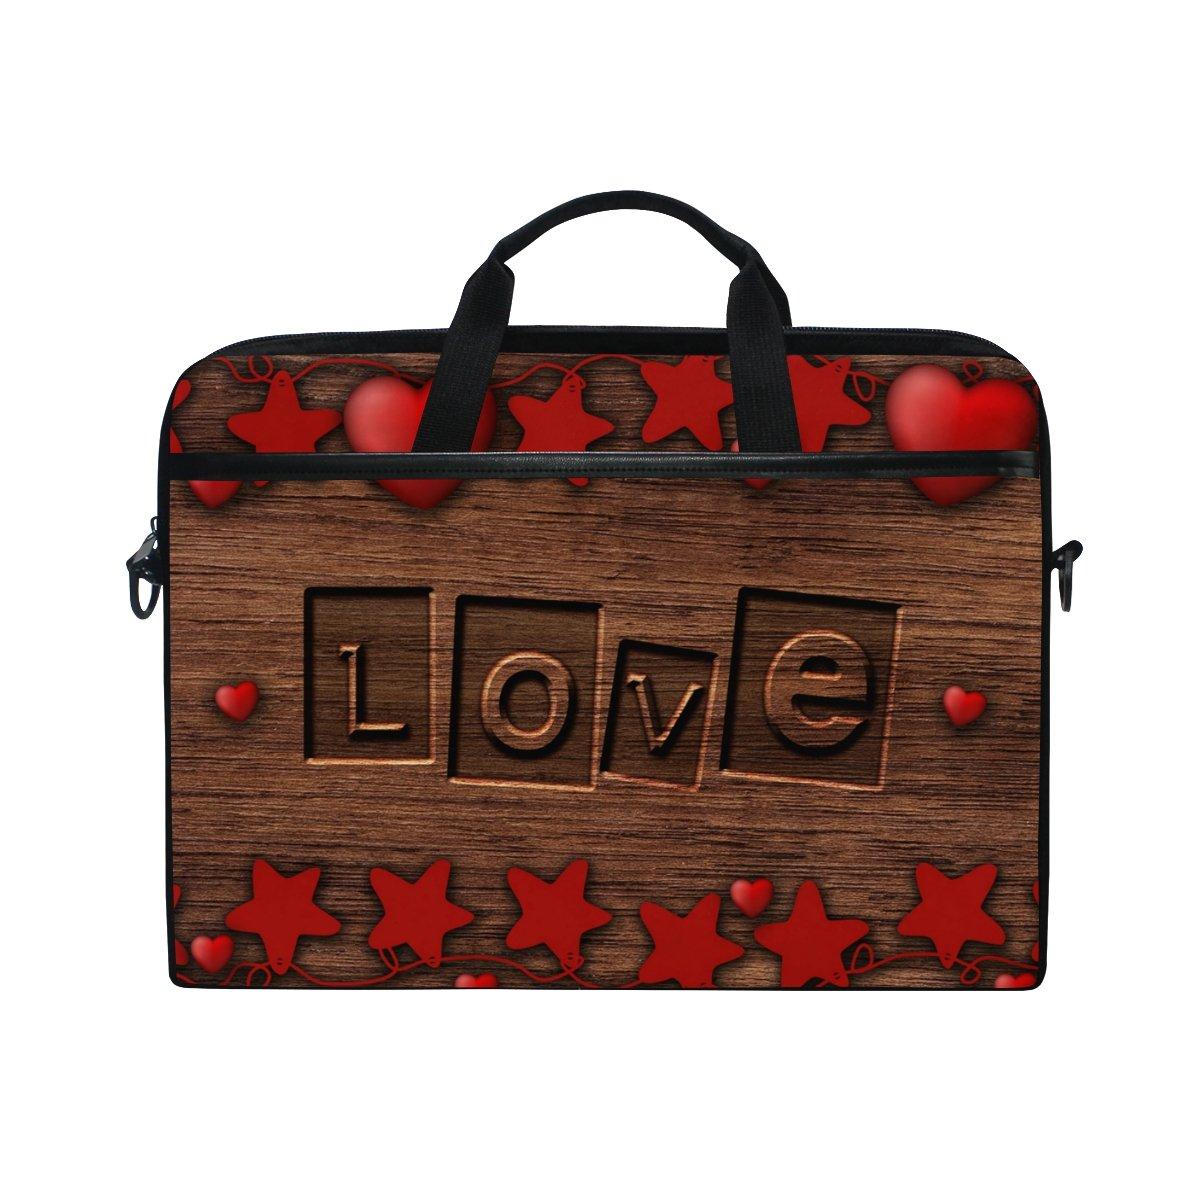 Bennigiry Romantic Romantic Bennigiry Love - Funda Bandolera para Ordenador Portátil DE 14 a 15,6 Pulgadas 0fc978